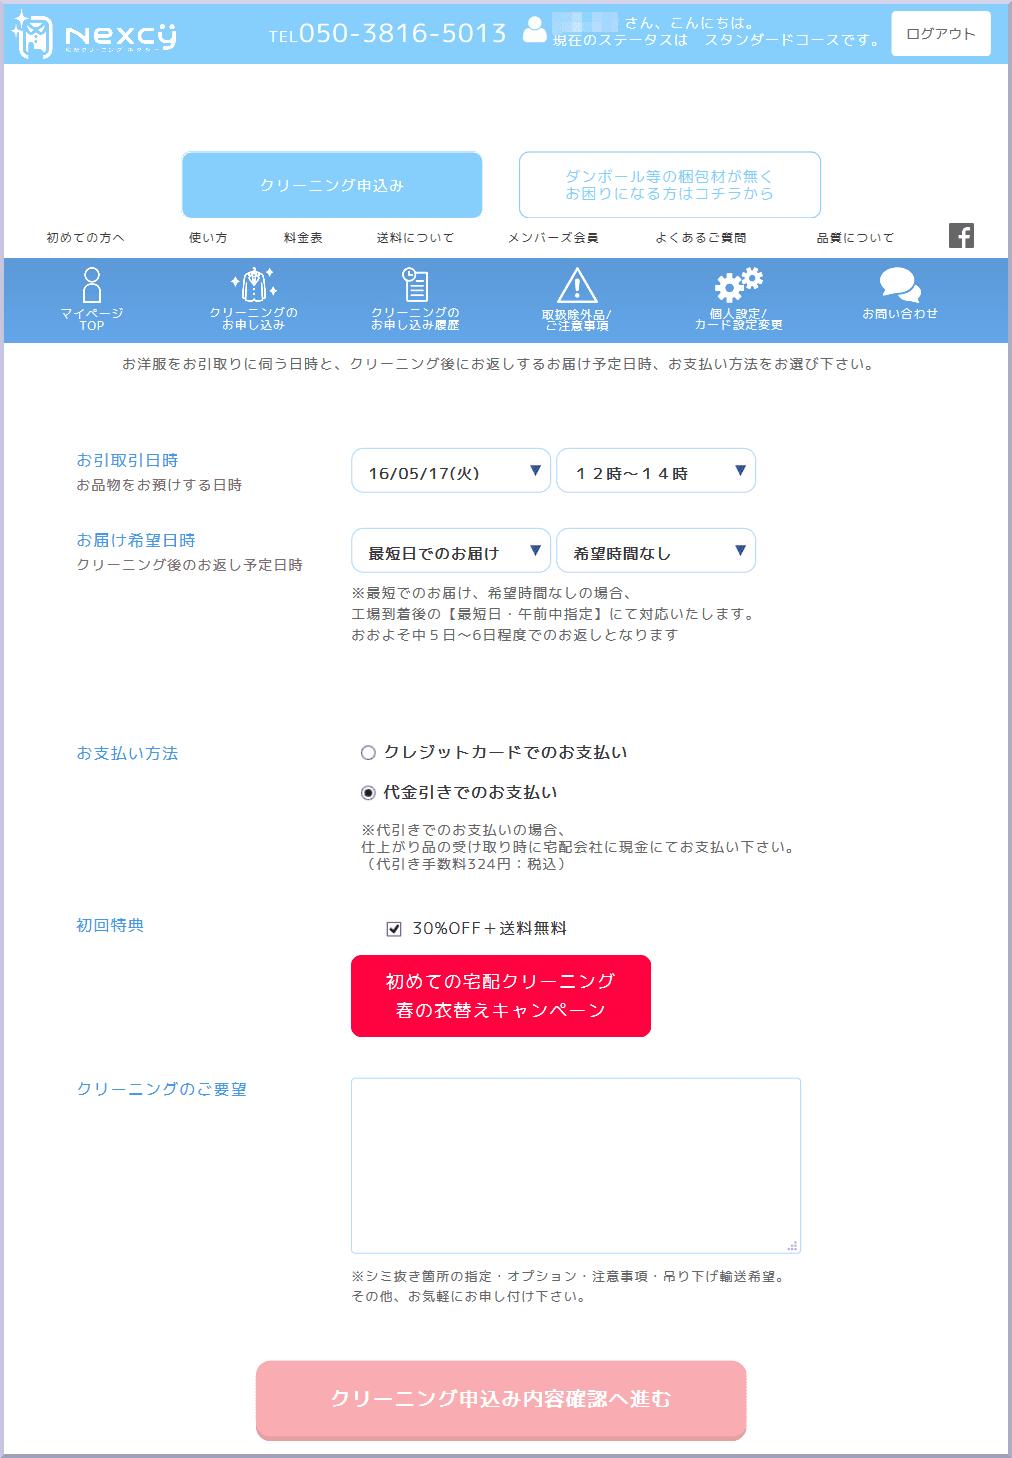 申し込み(入力)